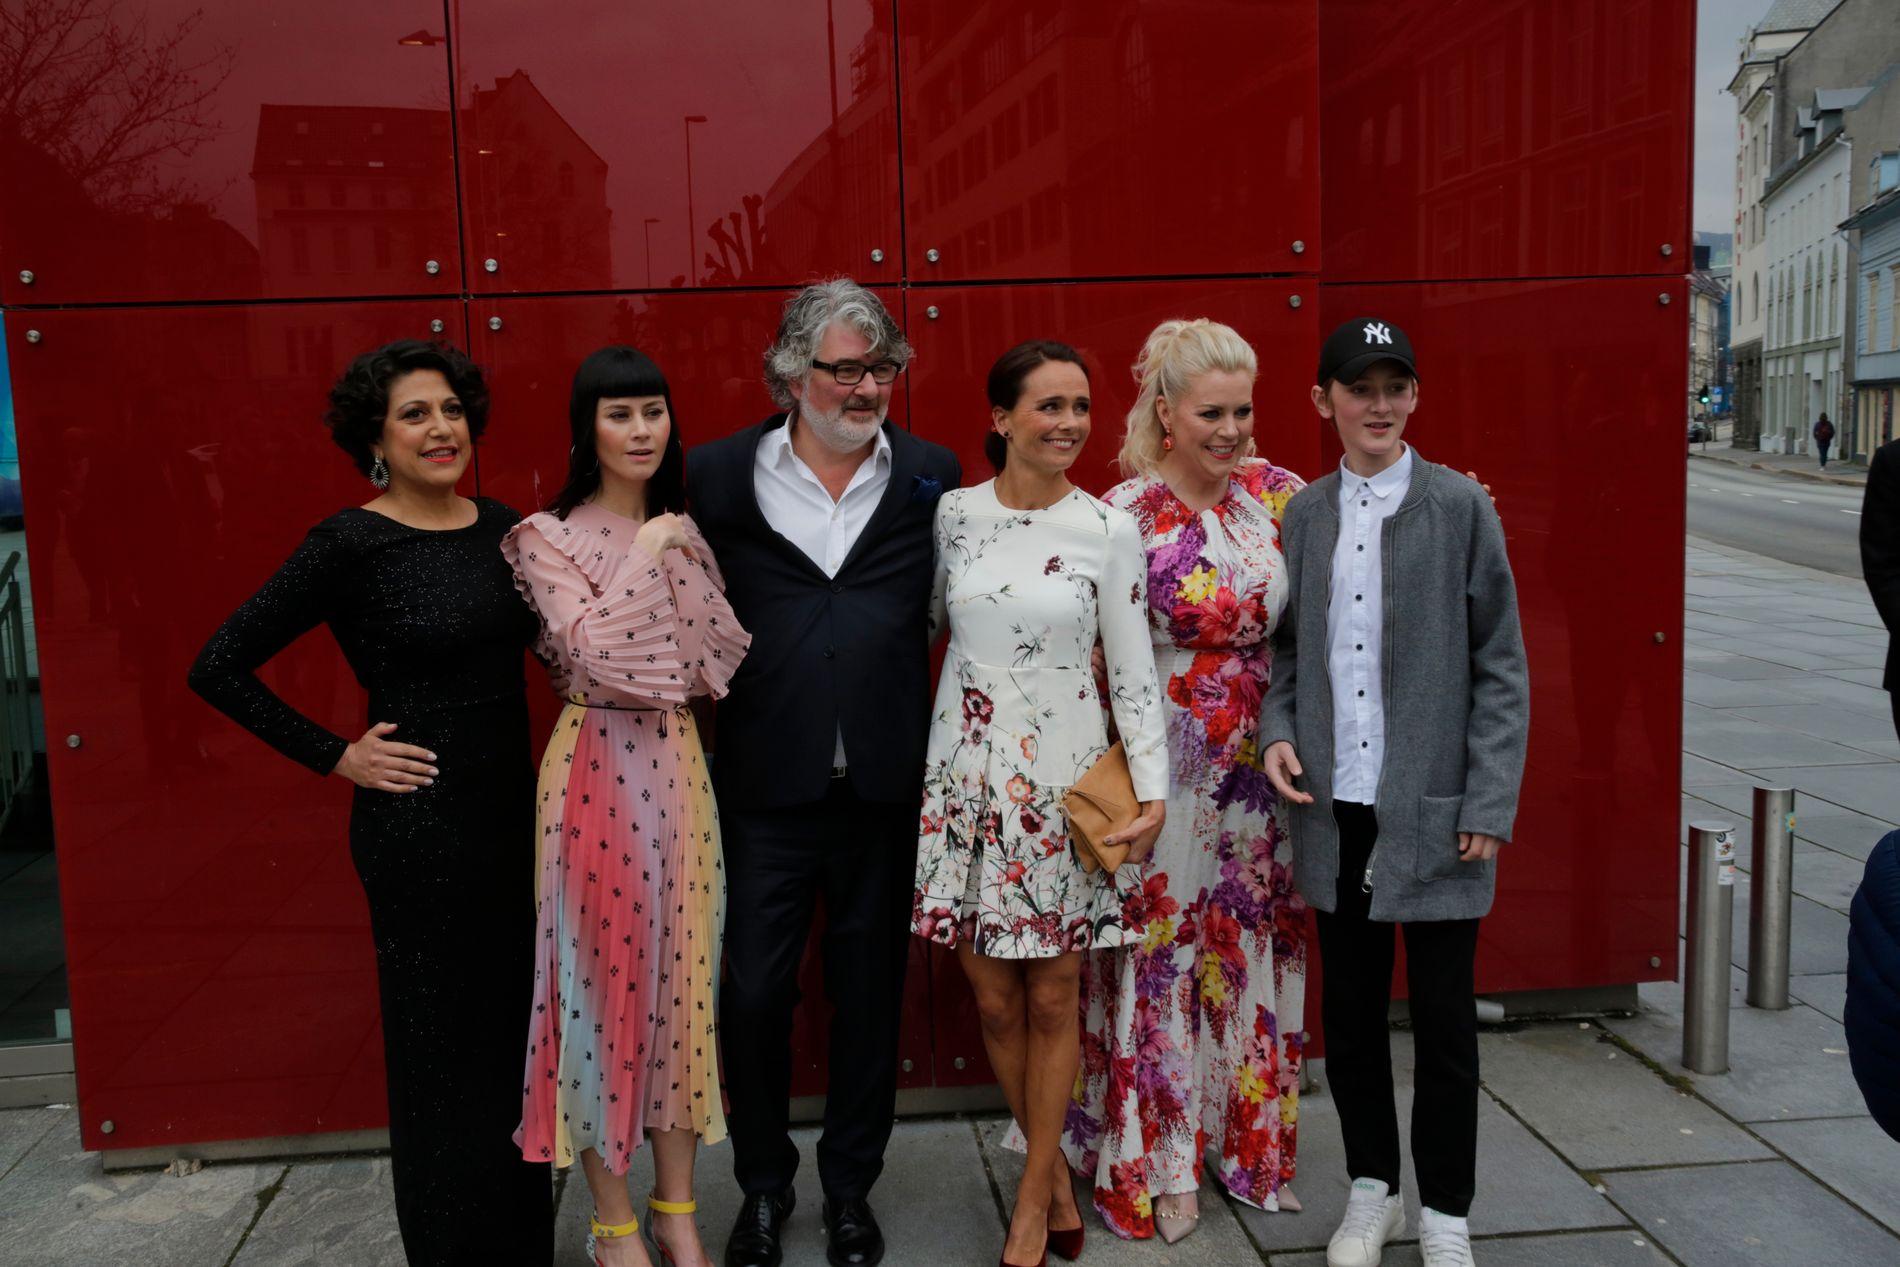 TV-VERTER: NRKs programverter var blant dem som stoppet opp for å møte publikum utenfor den røde løperen.